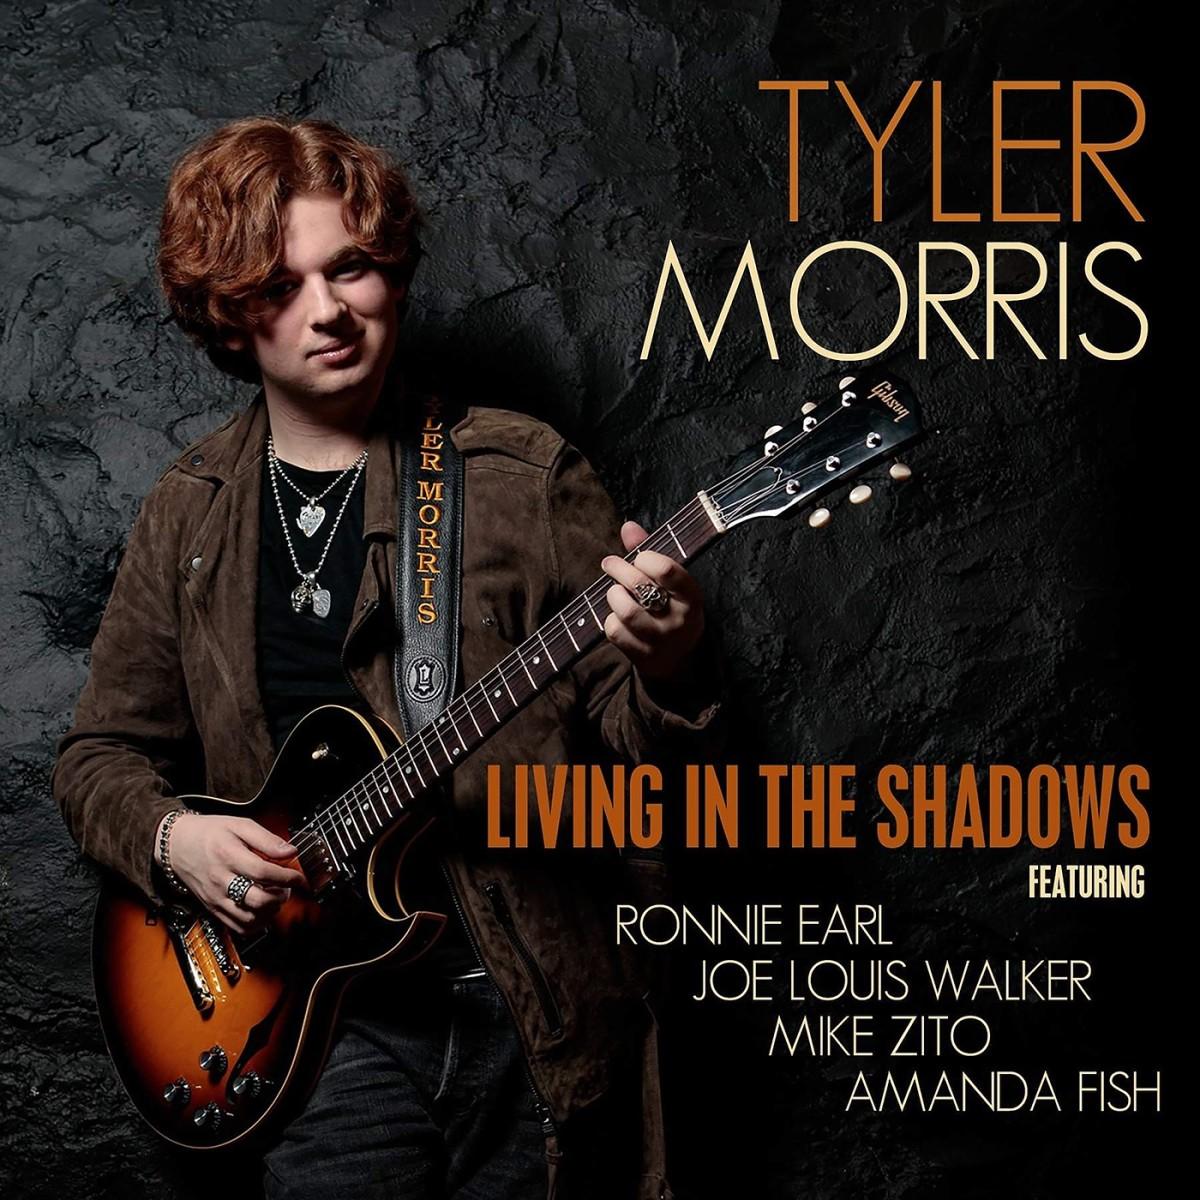 Tyler Morris